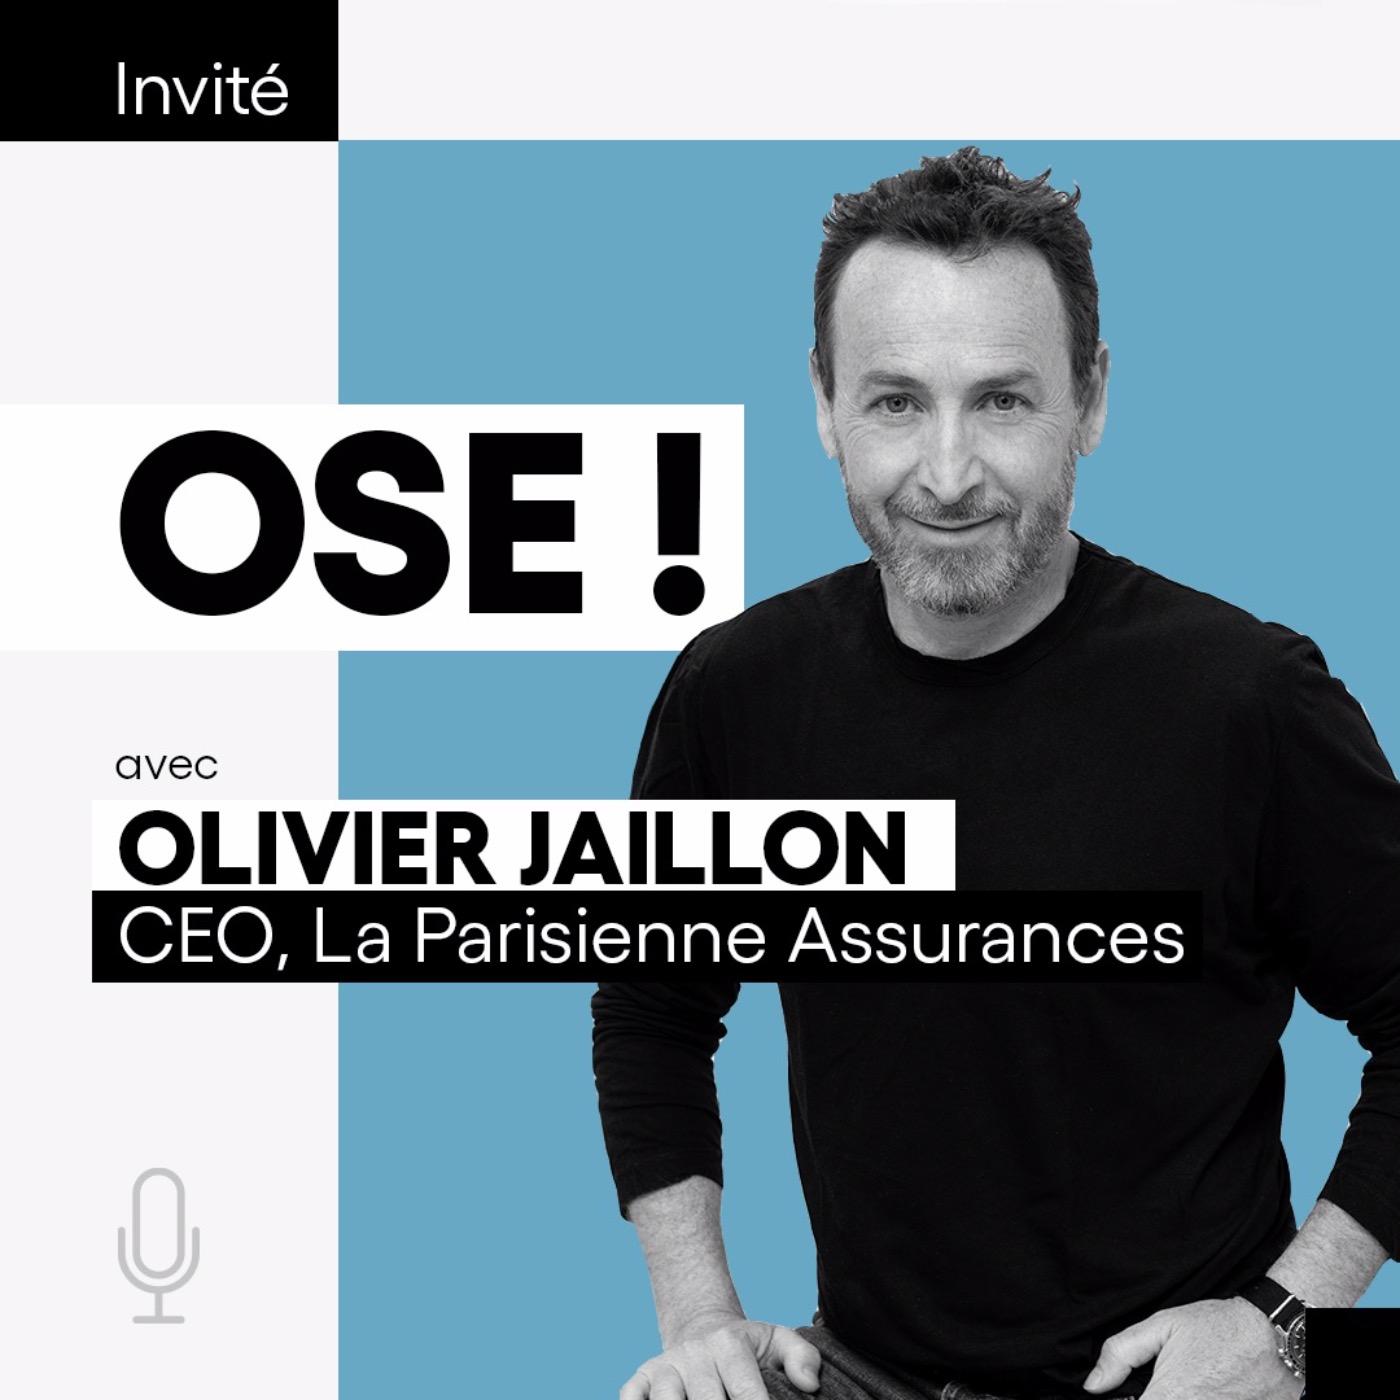 Olivier Jaillon, CEO de La Parisienne Assurances